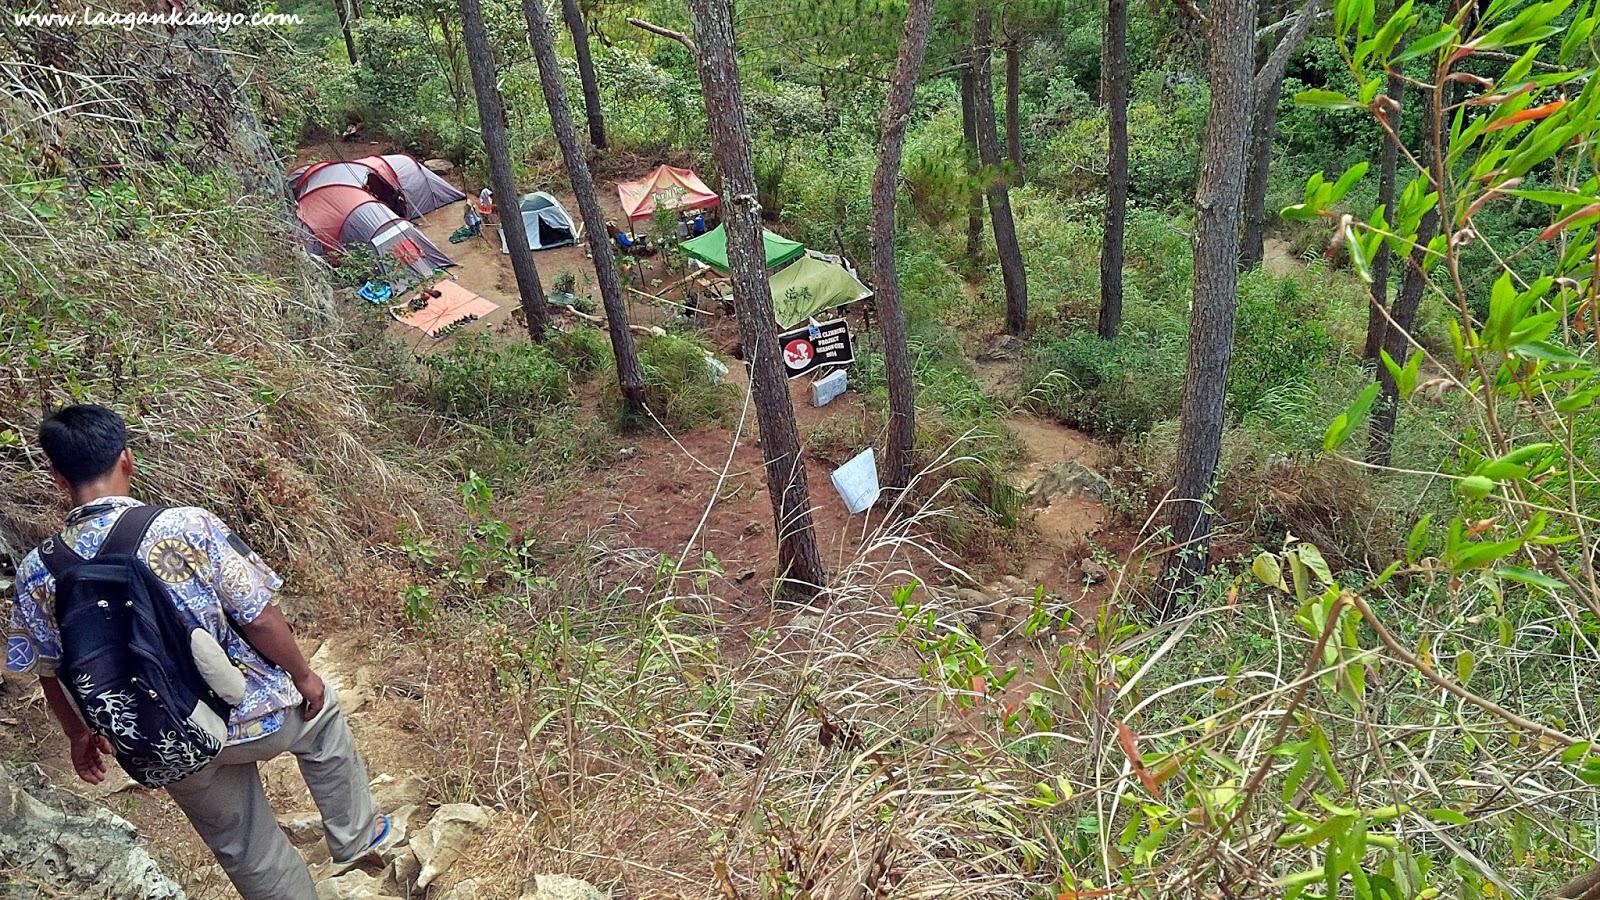 Laagan Kaayo in Hanging Coffins, Sagada